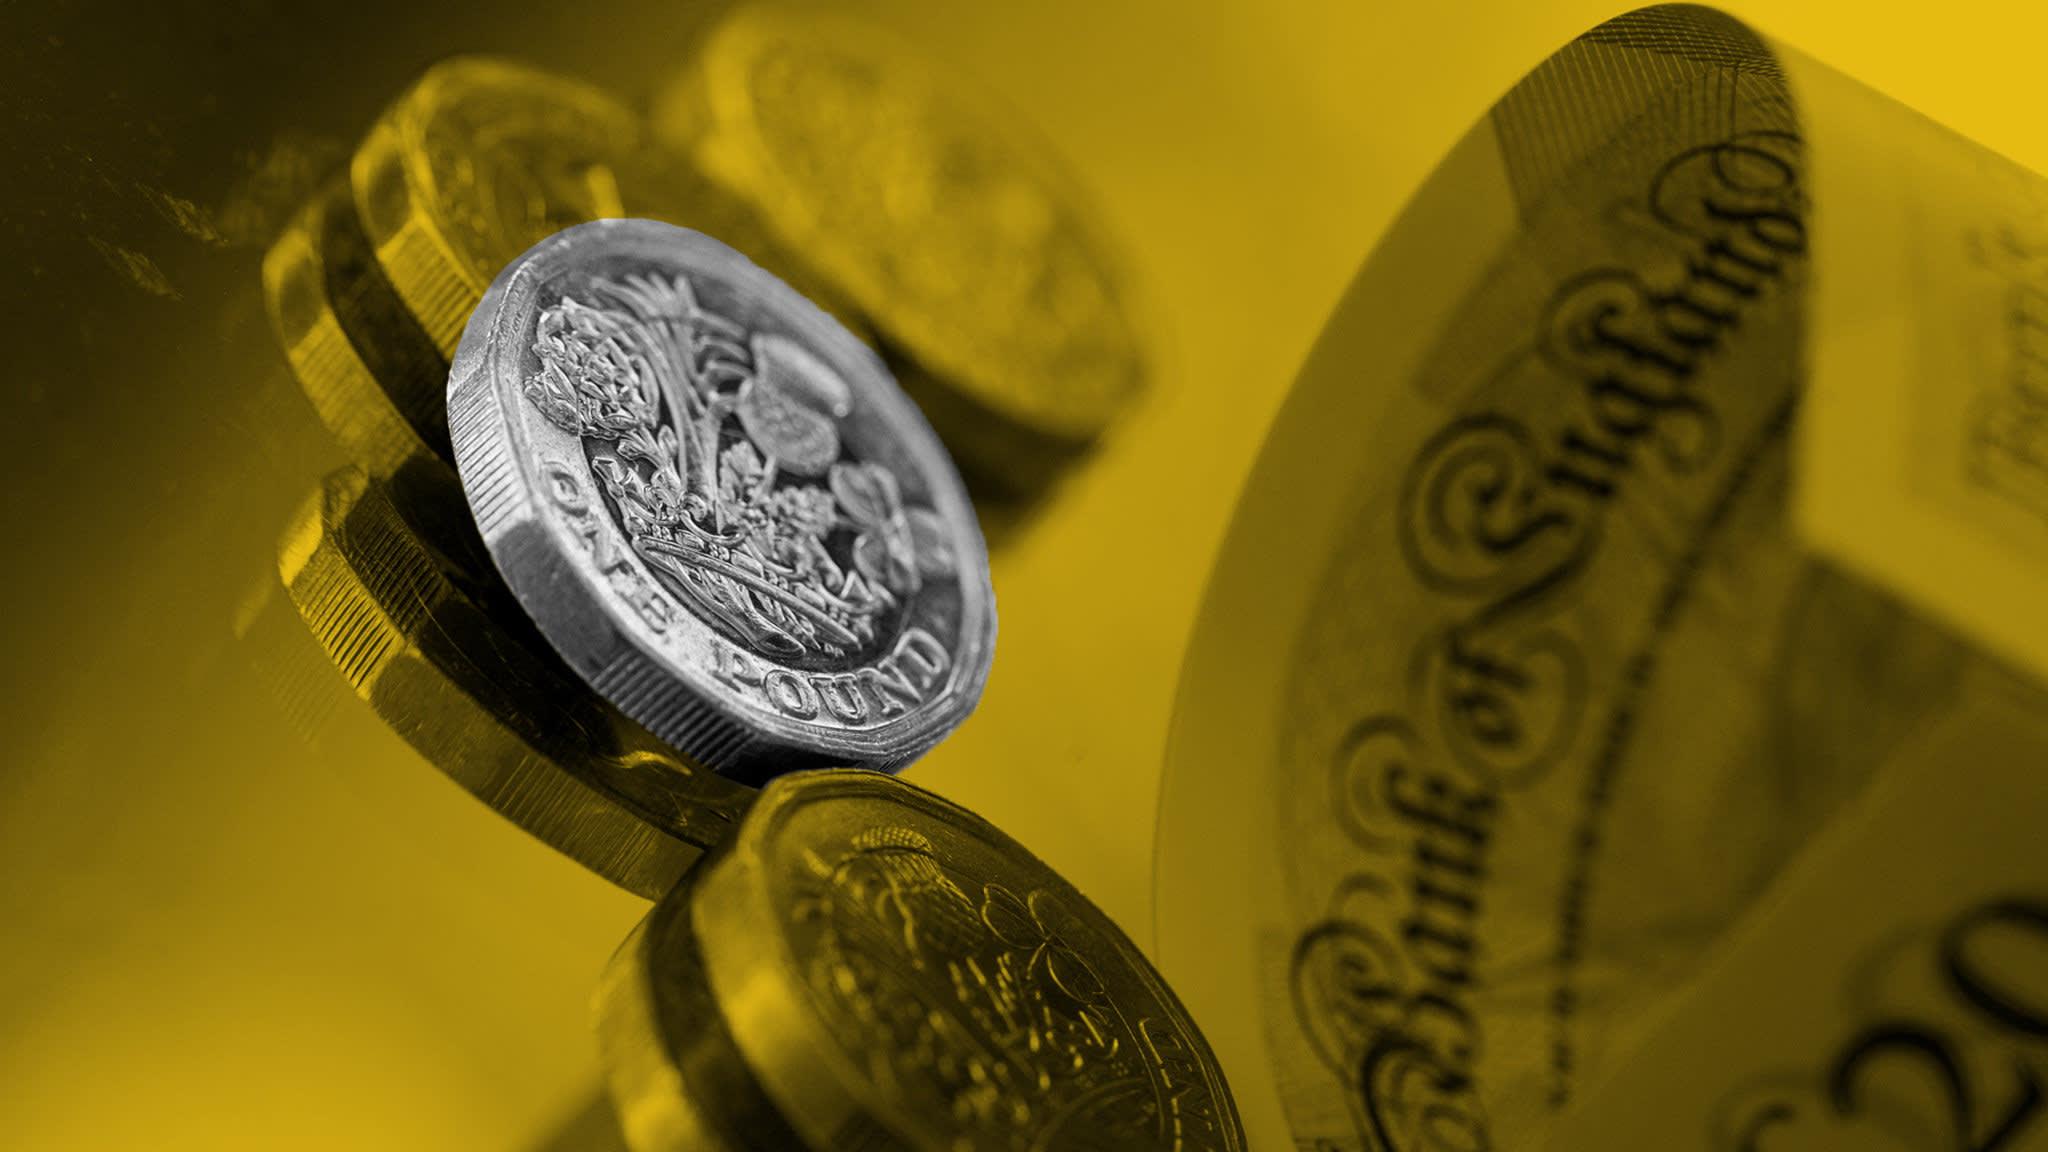 Brooks Macdonald assets break through £15bn mark